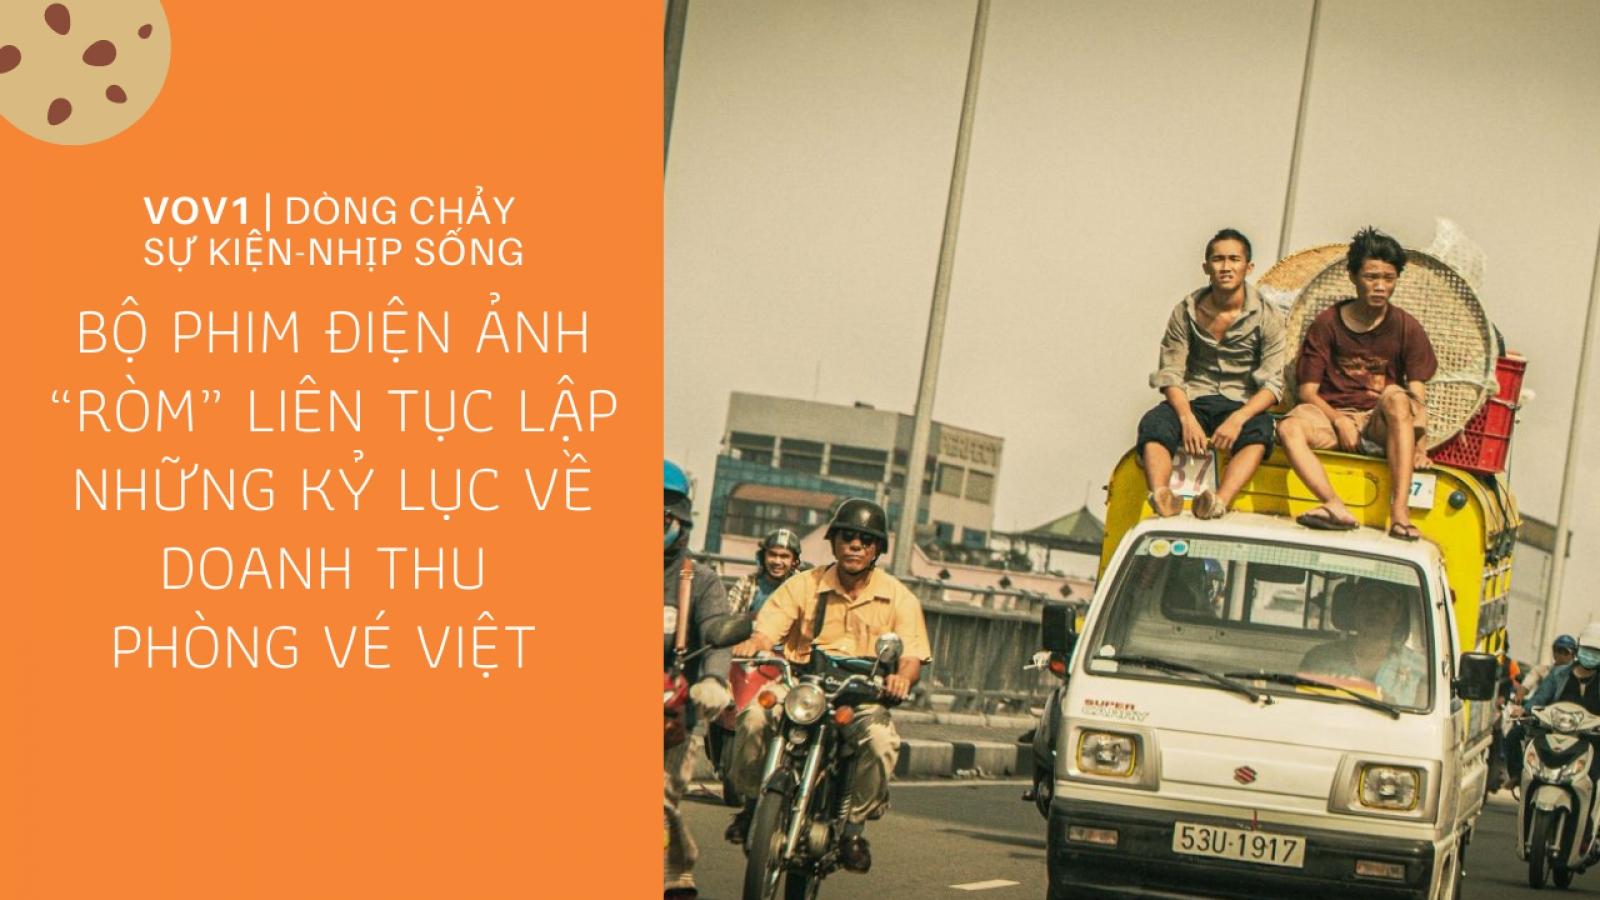 """""""Ròm"""" liên tục lập những kỷ lục về doanh thu phòng vé Việt"""